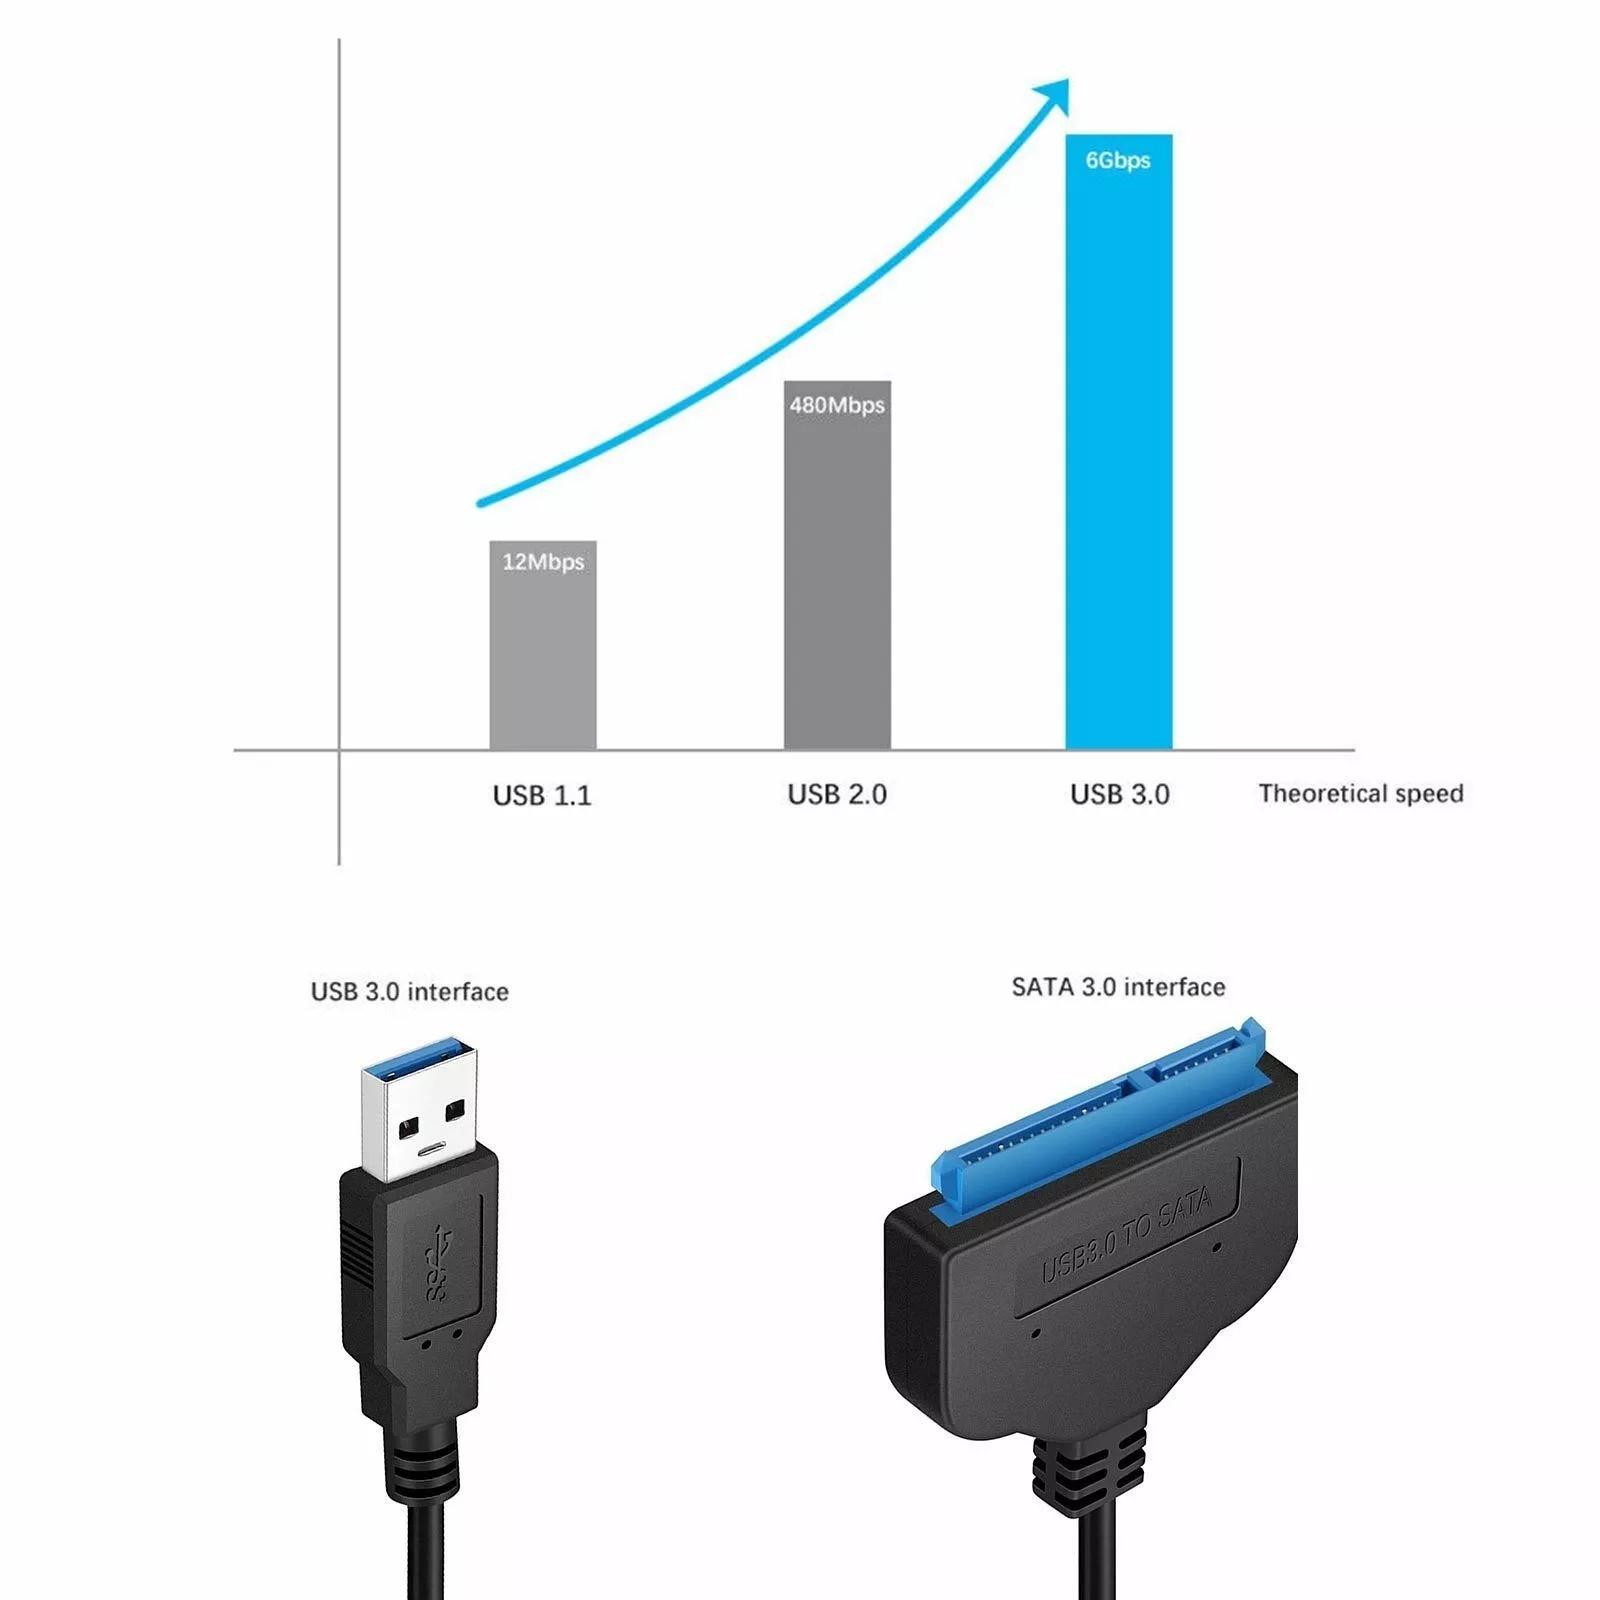 i.ibb.co/93390YK/Adaptador-de-Disco-R-gido-SSD-Sata-para-USB-3-0-UAPFWI56.jpg